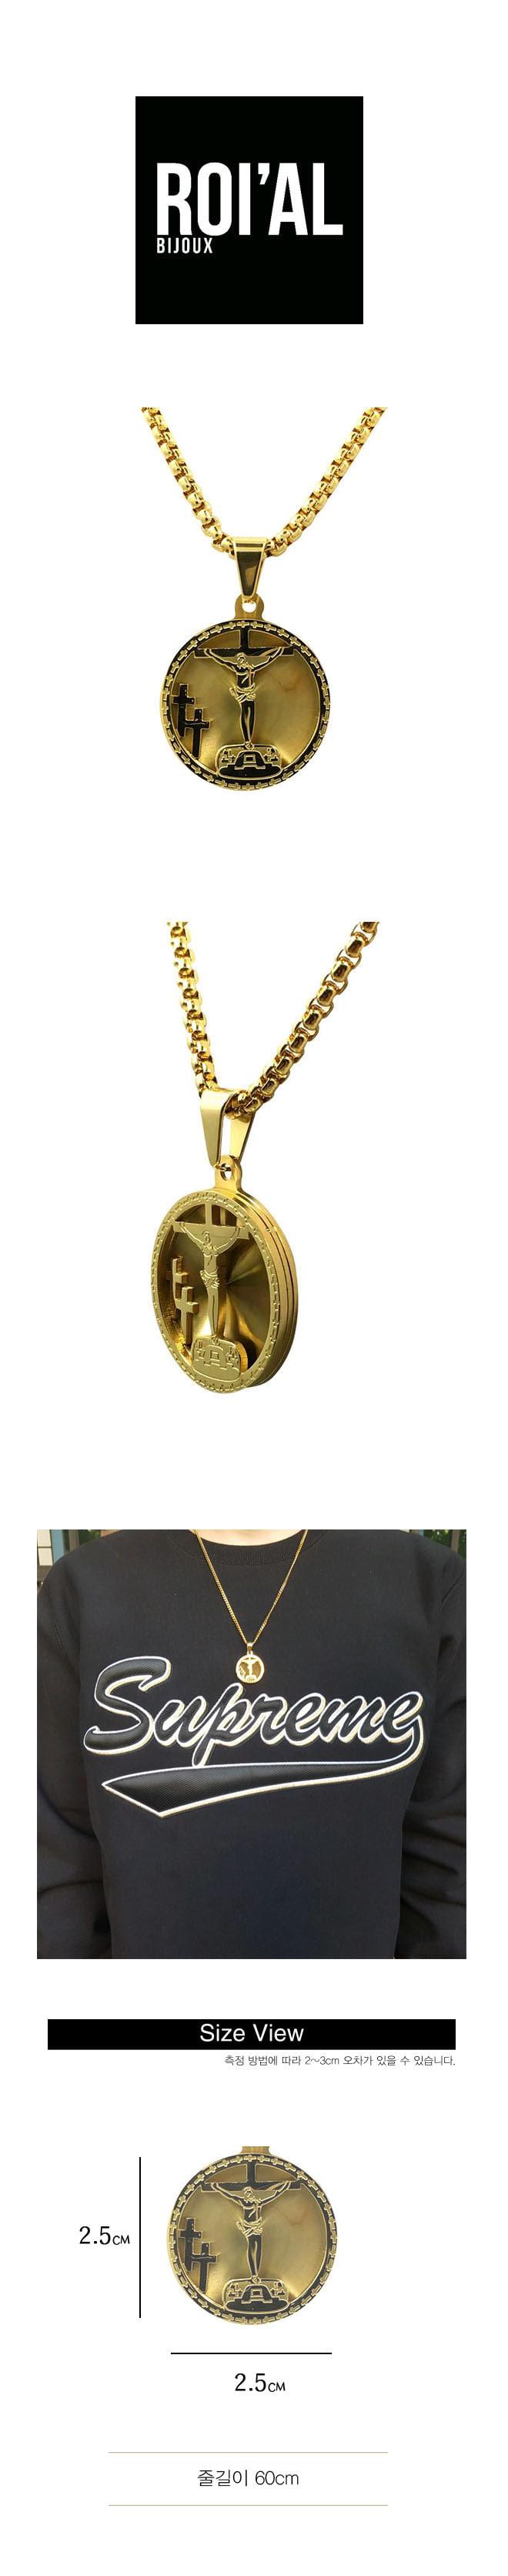 로이알(ROI'AL) ROIAL 3 Crosses Necklace